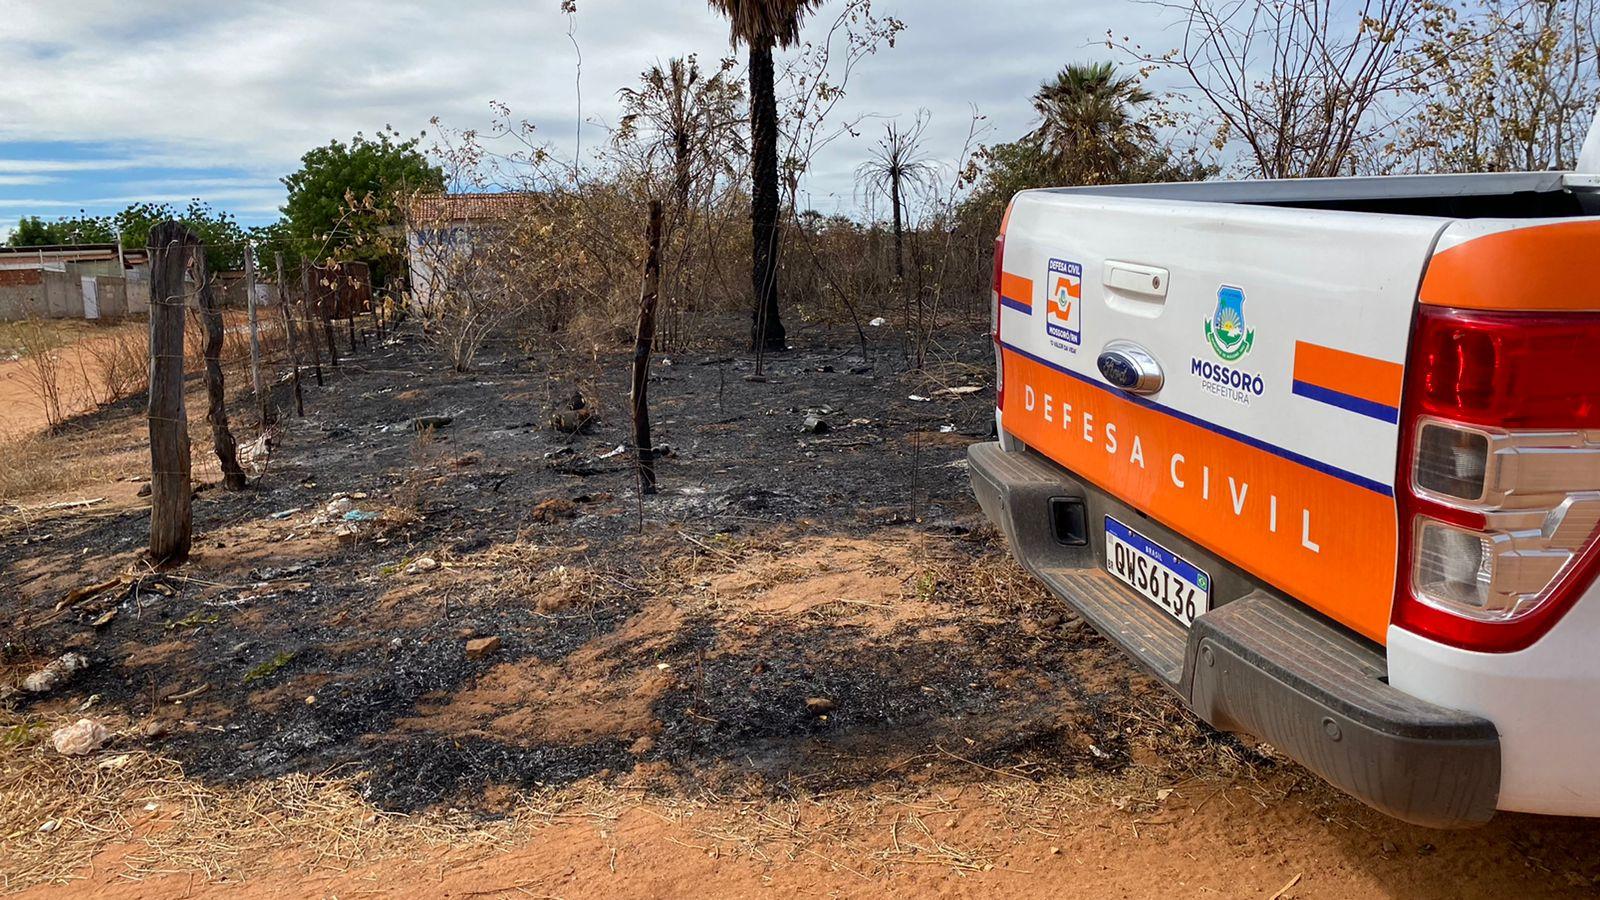 Defesa Civil lança campanha de prevenção a queimadas e incêndios florestais